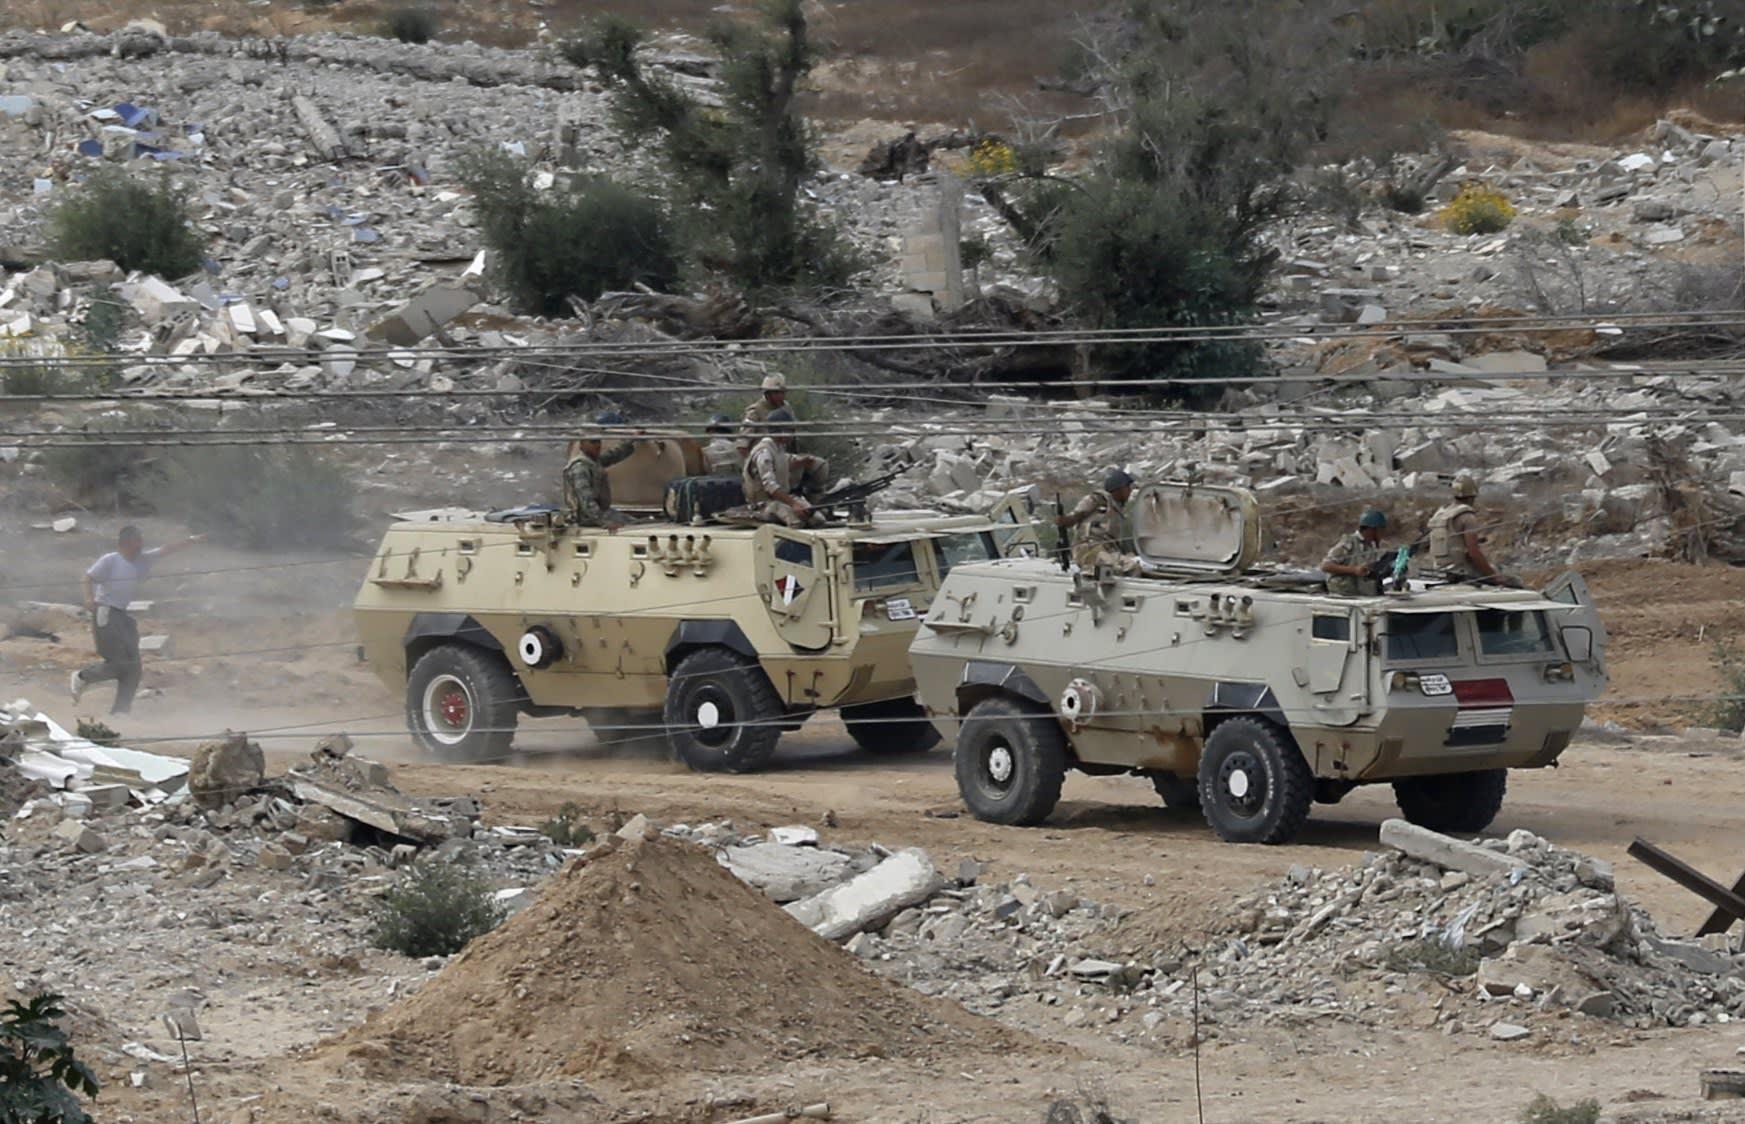 تحليق مكثف لمروحيات أباتشي مصرية بسيناء بعد هجمات أدت لمقتل 5 جنود صباح الخميس